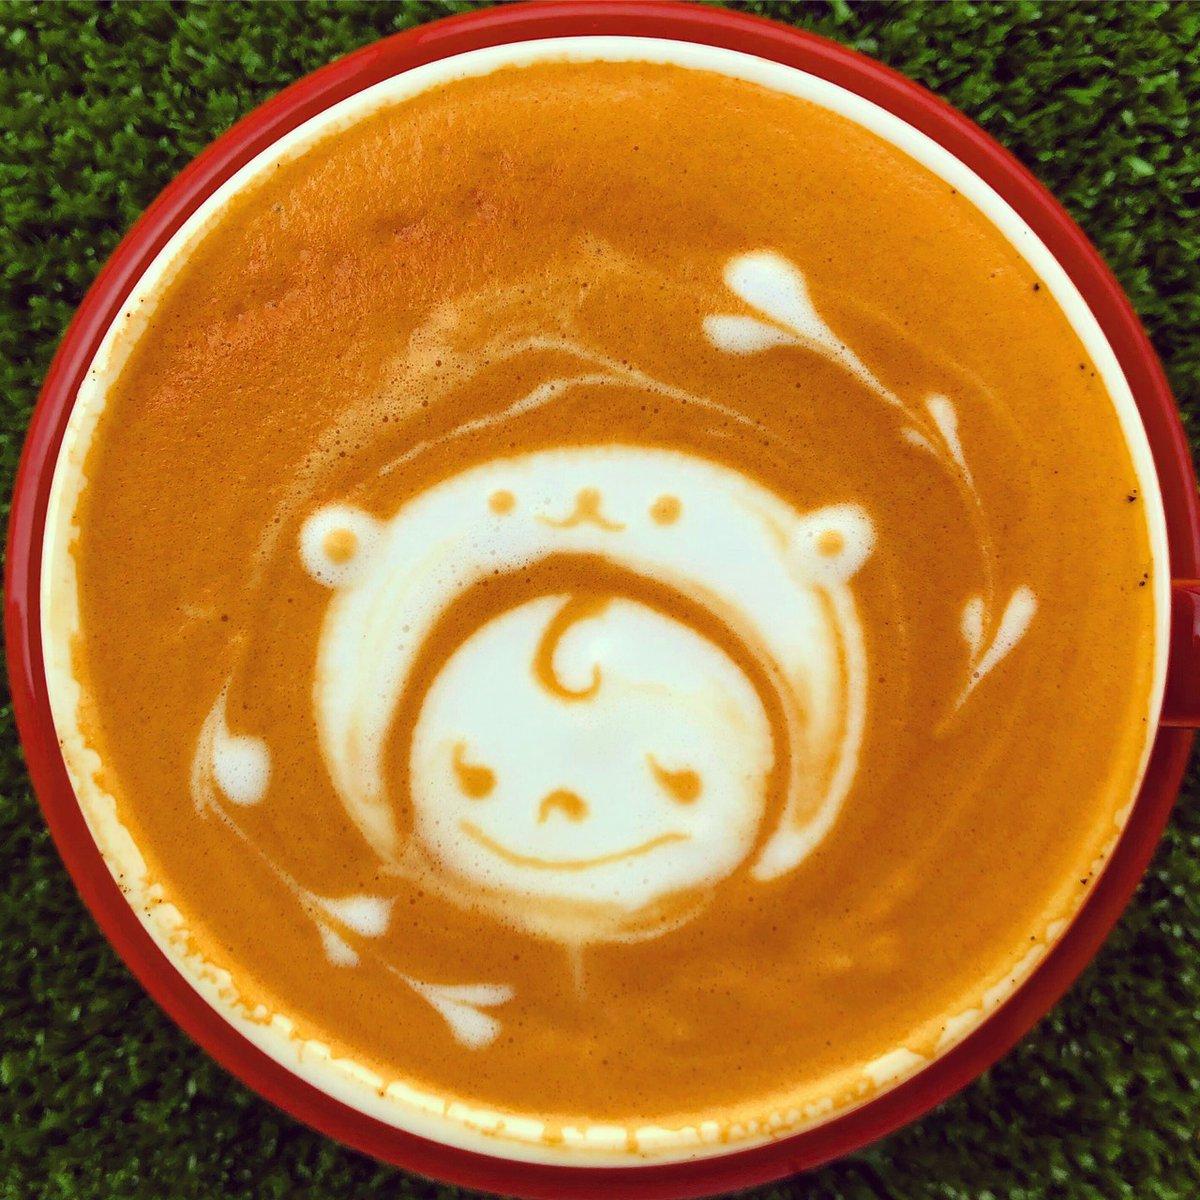 急な自己紹介します!😂 千葉県在住 フリーのWEBデザイナーです! 実は元バリスタでした🥰 毎日コーヒー淹れてます! 飲食店が大好き🥰 集客用のデザインが得意! ホームページ制作もします💻 経営×WEBに関することならなんでもご相談下さい〜!